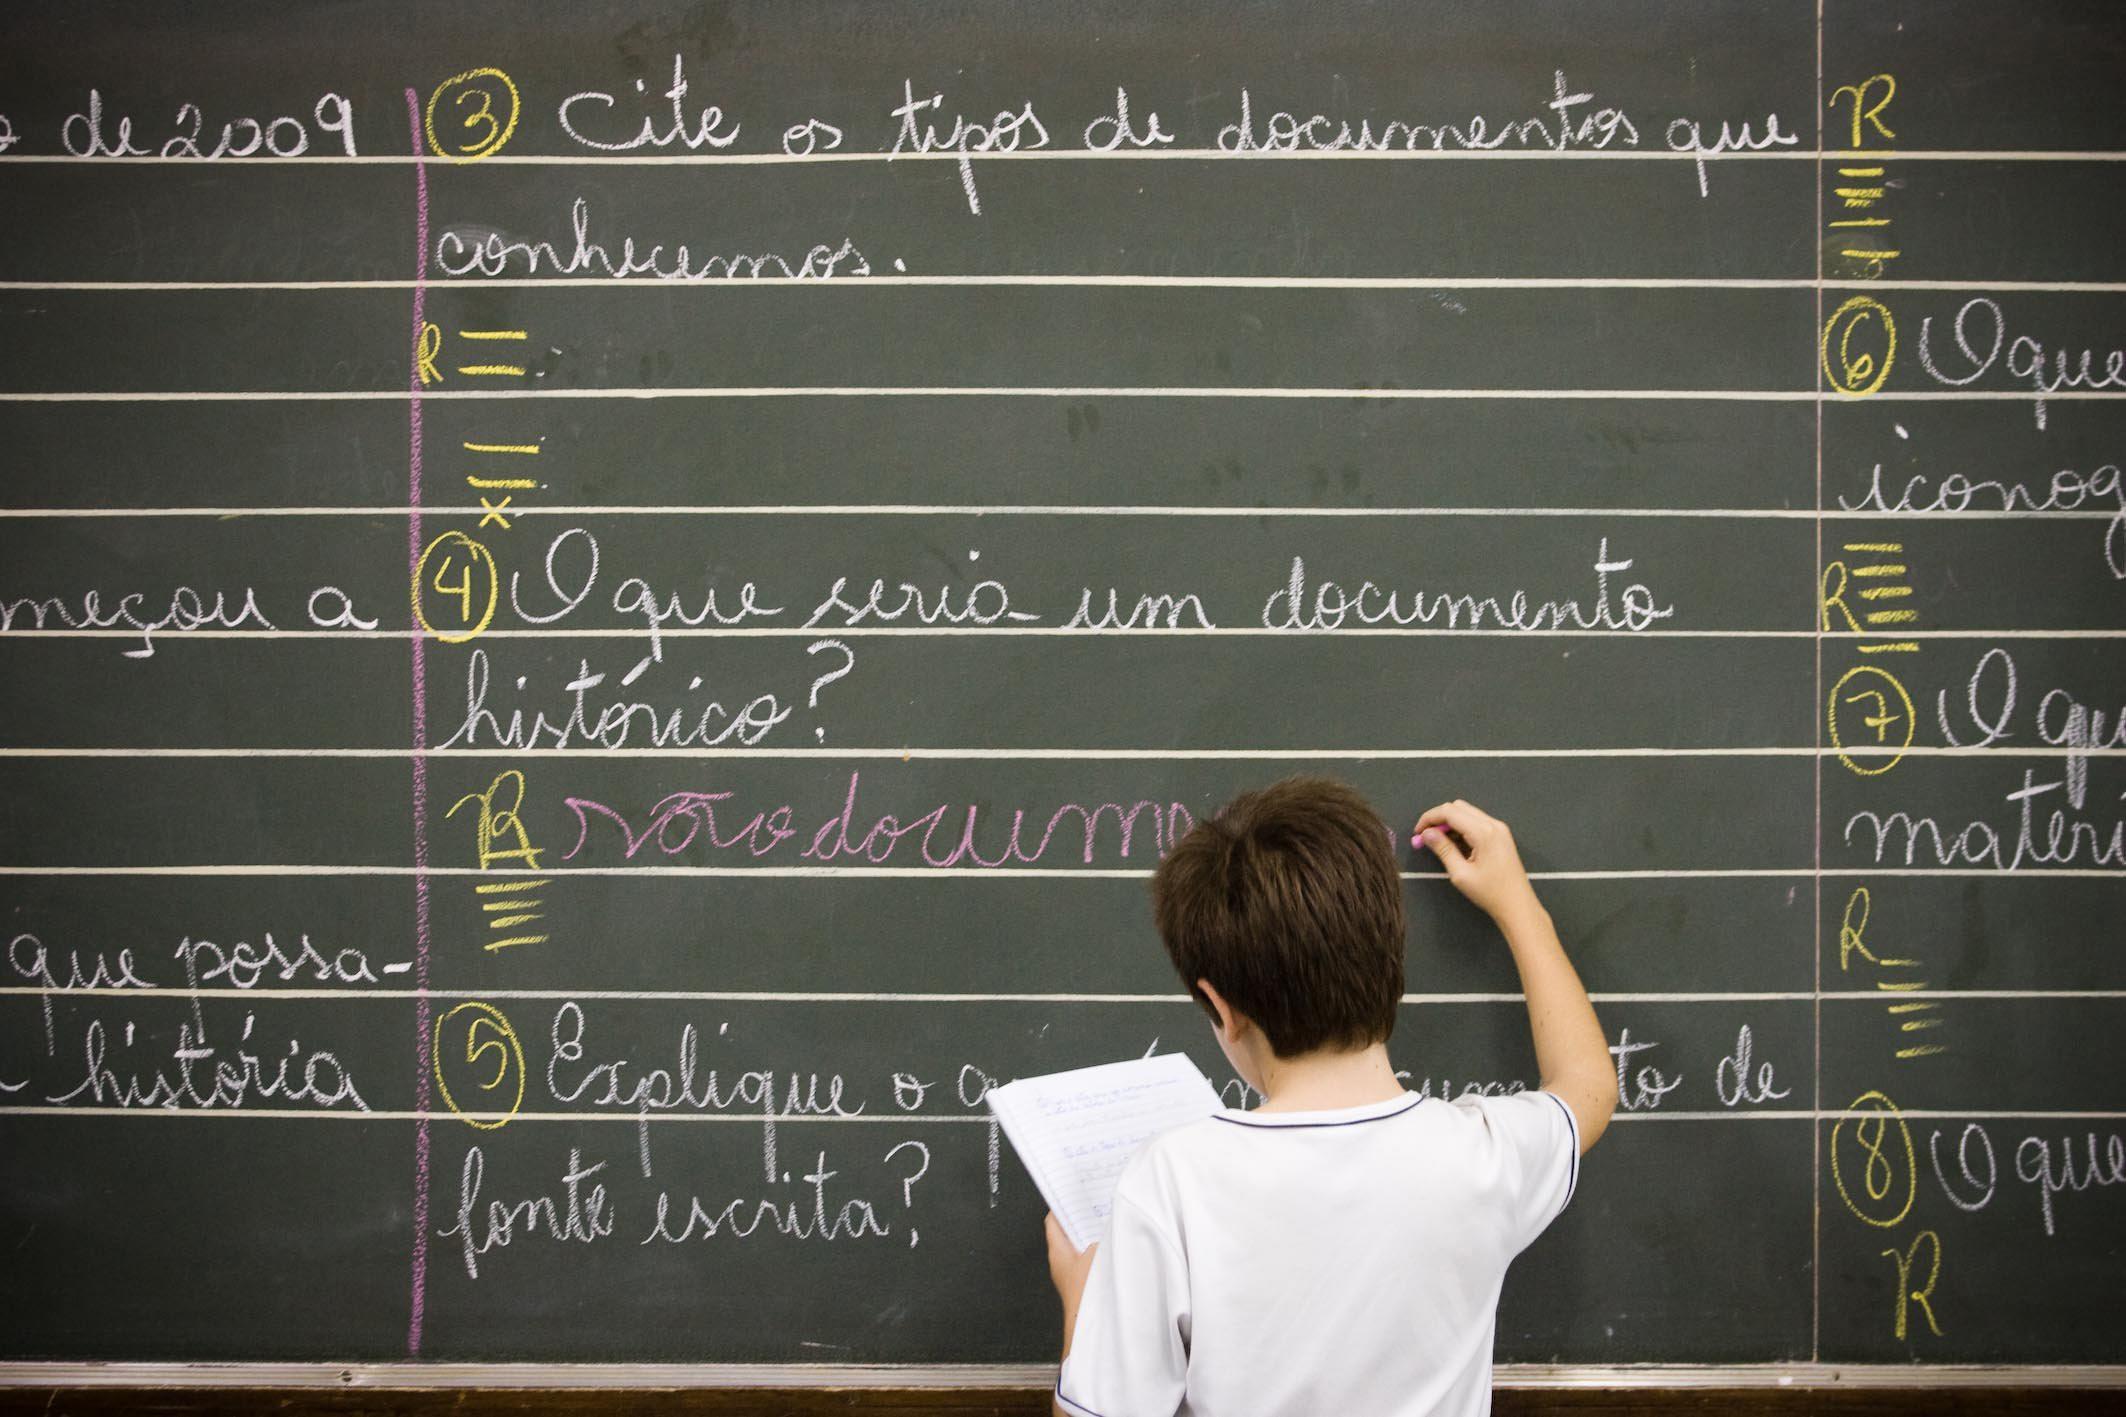 Pedagogia. Foto: reprodução portal Educar para crescer